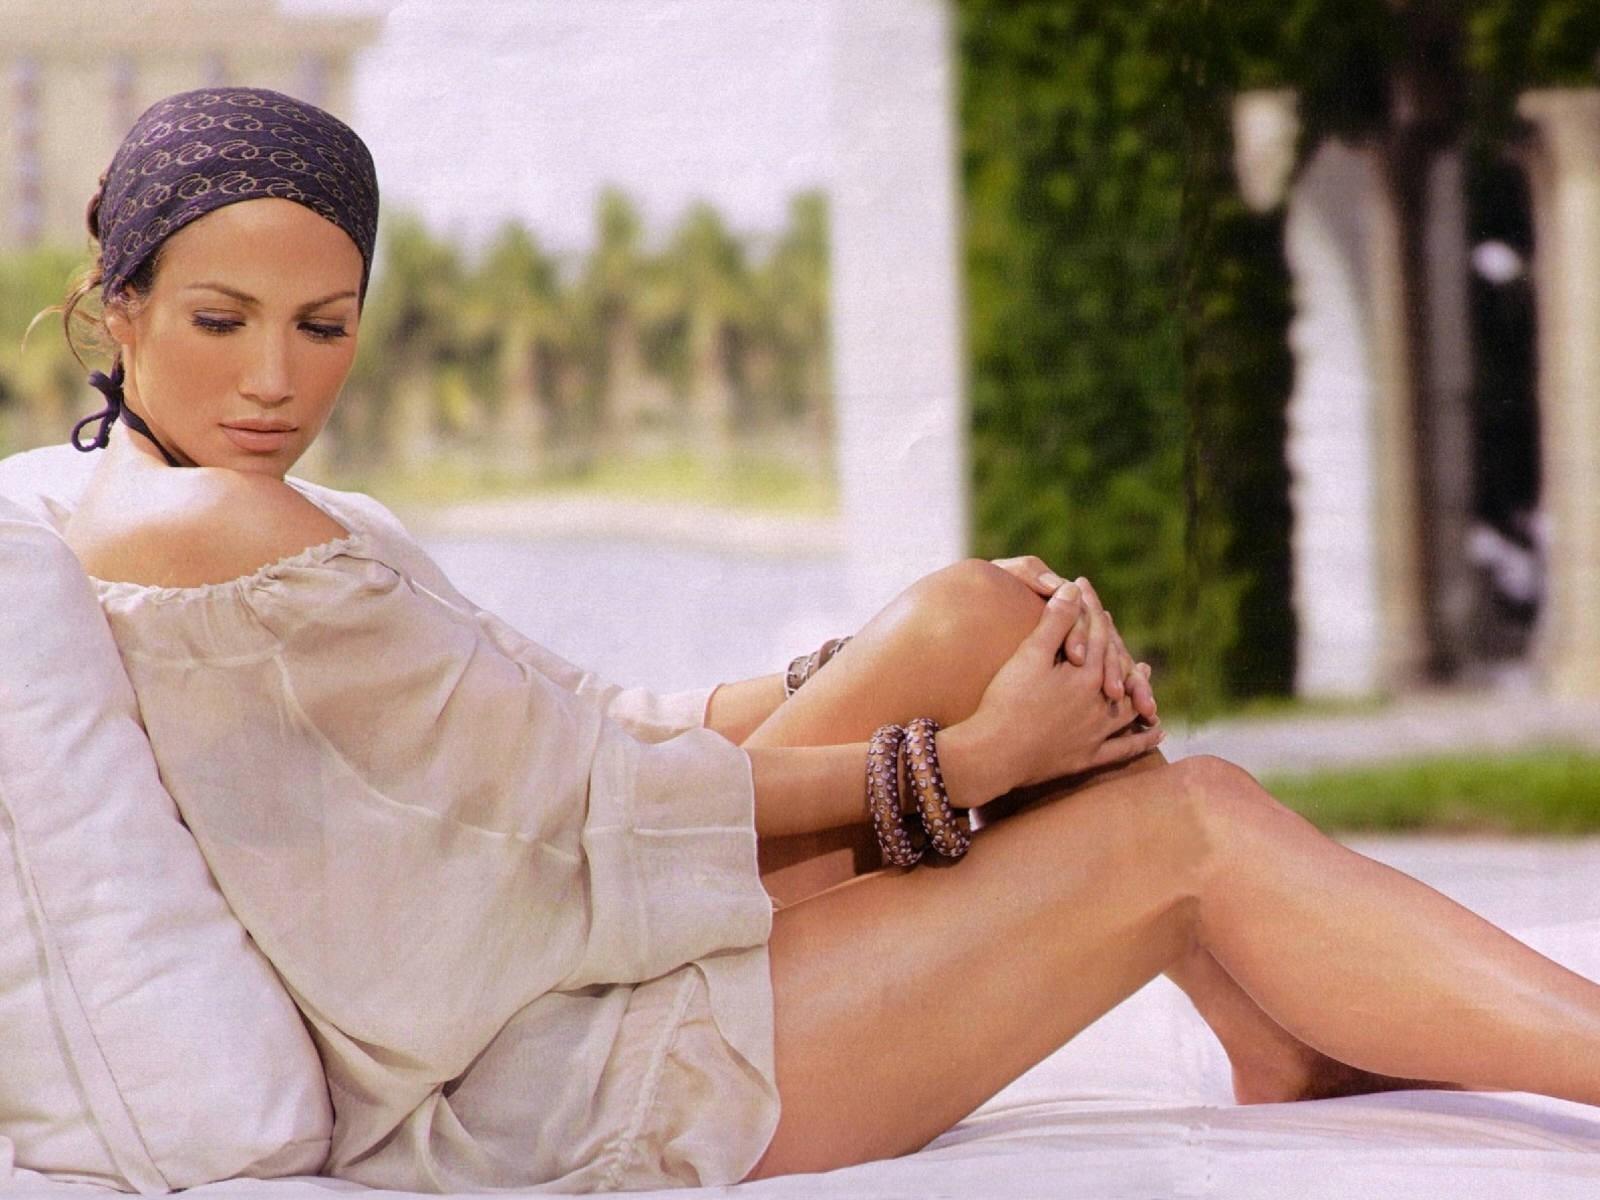 Wallpaper di Jennifer Lopez, in cui l'attrice e cantante mostra le splendide gambe